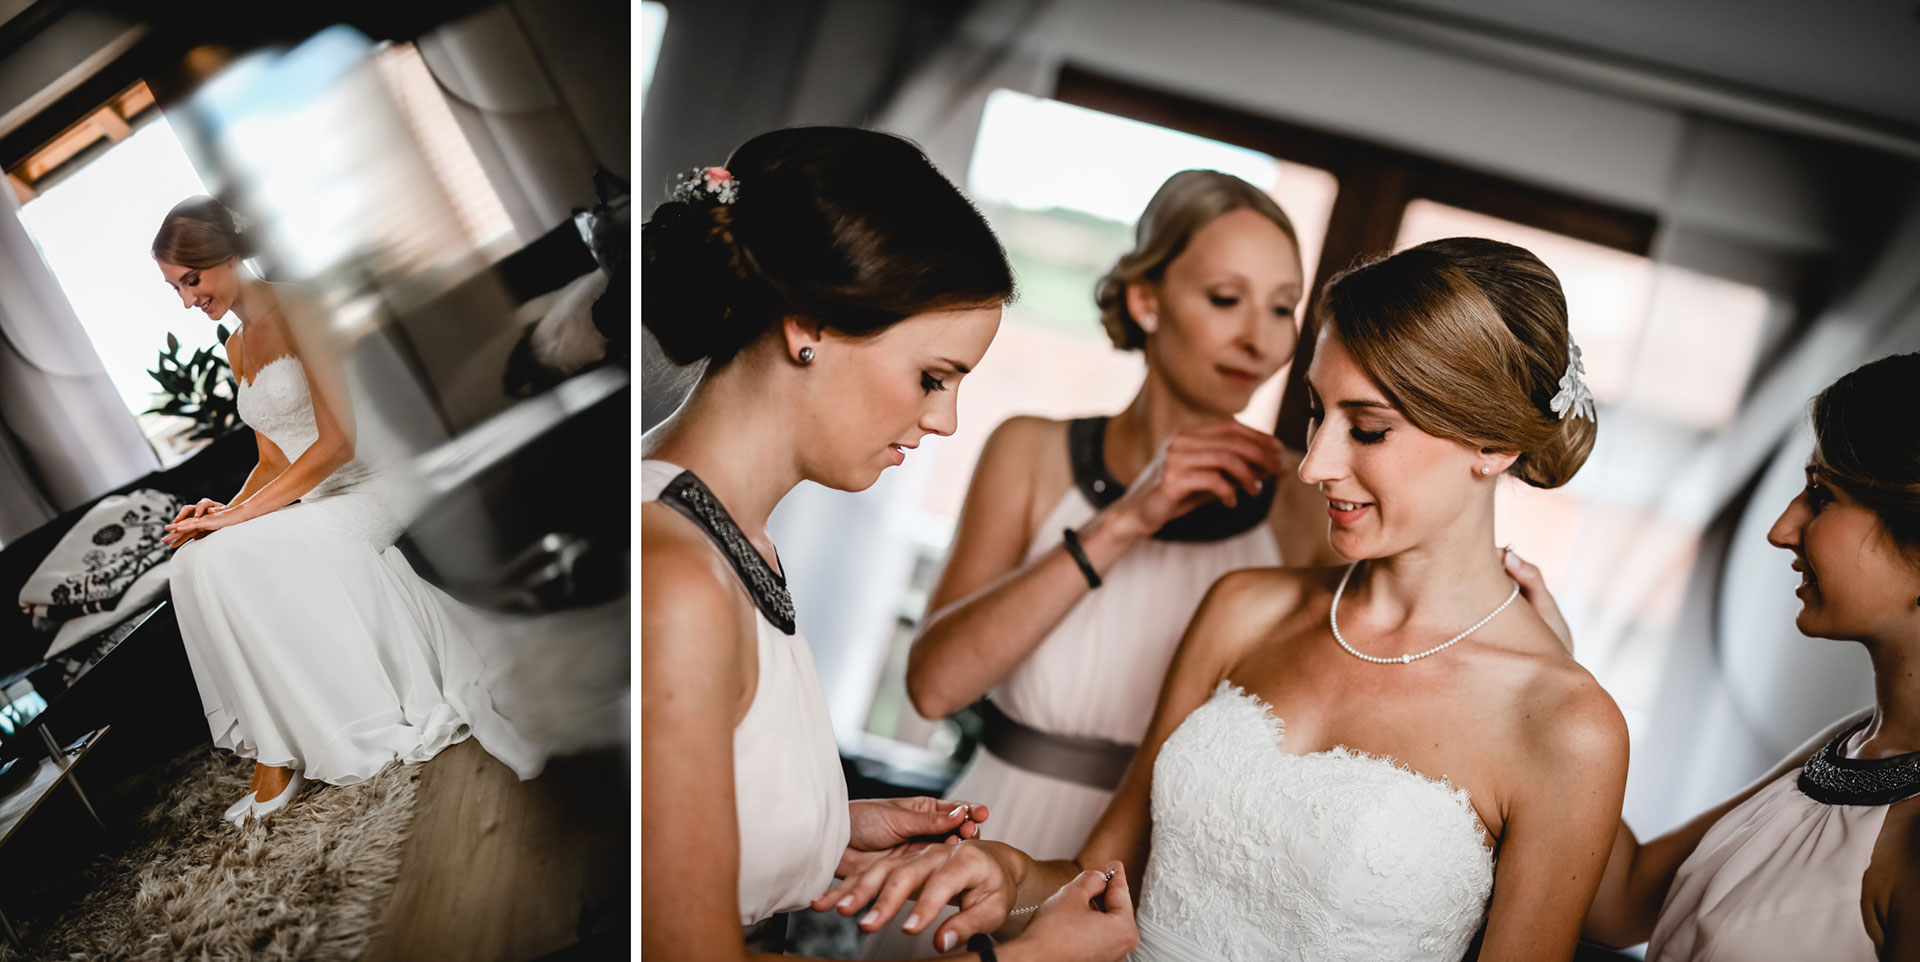 Stonies Hochzeitsfotograf Vöhringen 2